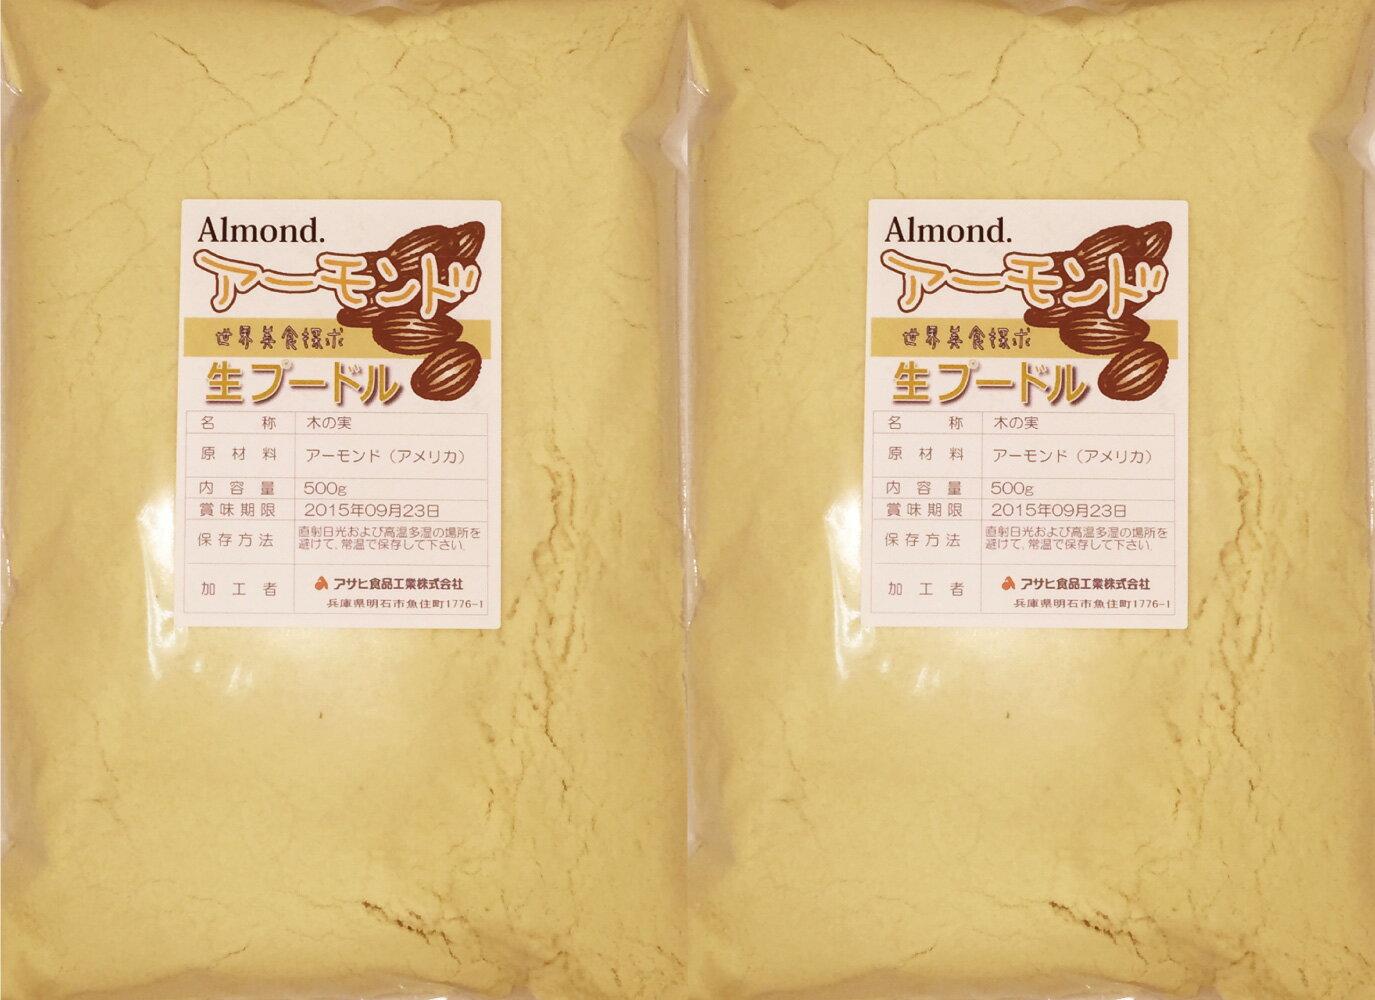 世界美食探究 カリフォルニア産 アーモンドプードル 1kg 【生 皮なし】【国内加工】